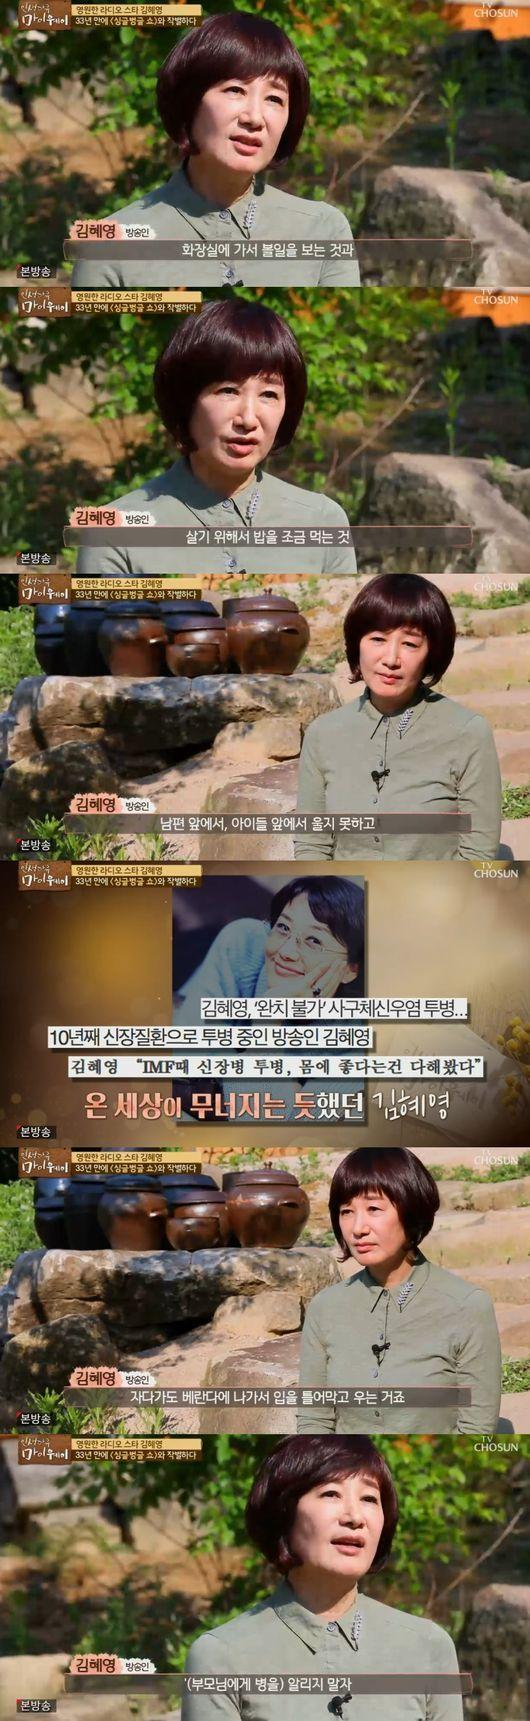 1일 방송된 TV조선 교양 프로그램 '인생다큐 마이웨이'에서는 방송인 김혜영이 출연해 사구체신우염을 앓고 있다고 고백했다. 사진=TV조선 '인생다큐 마이웨이'방송 캡쳐